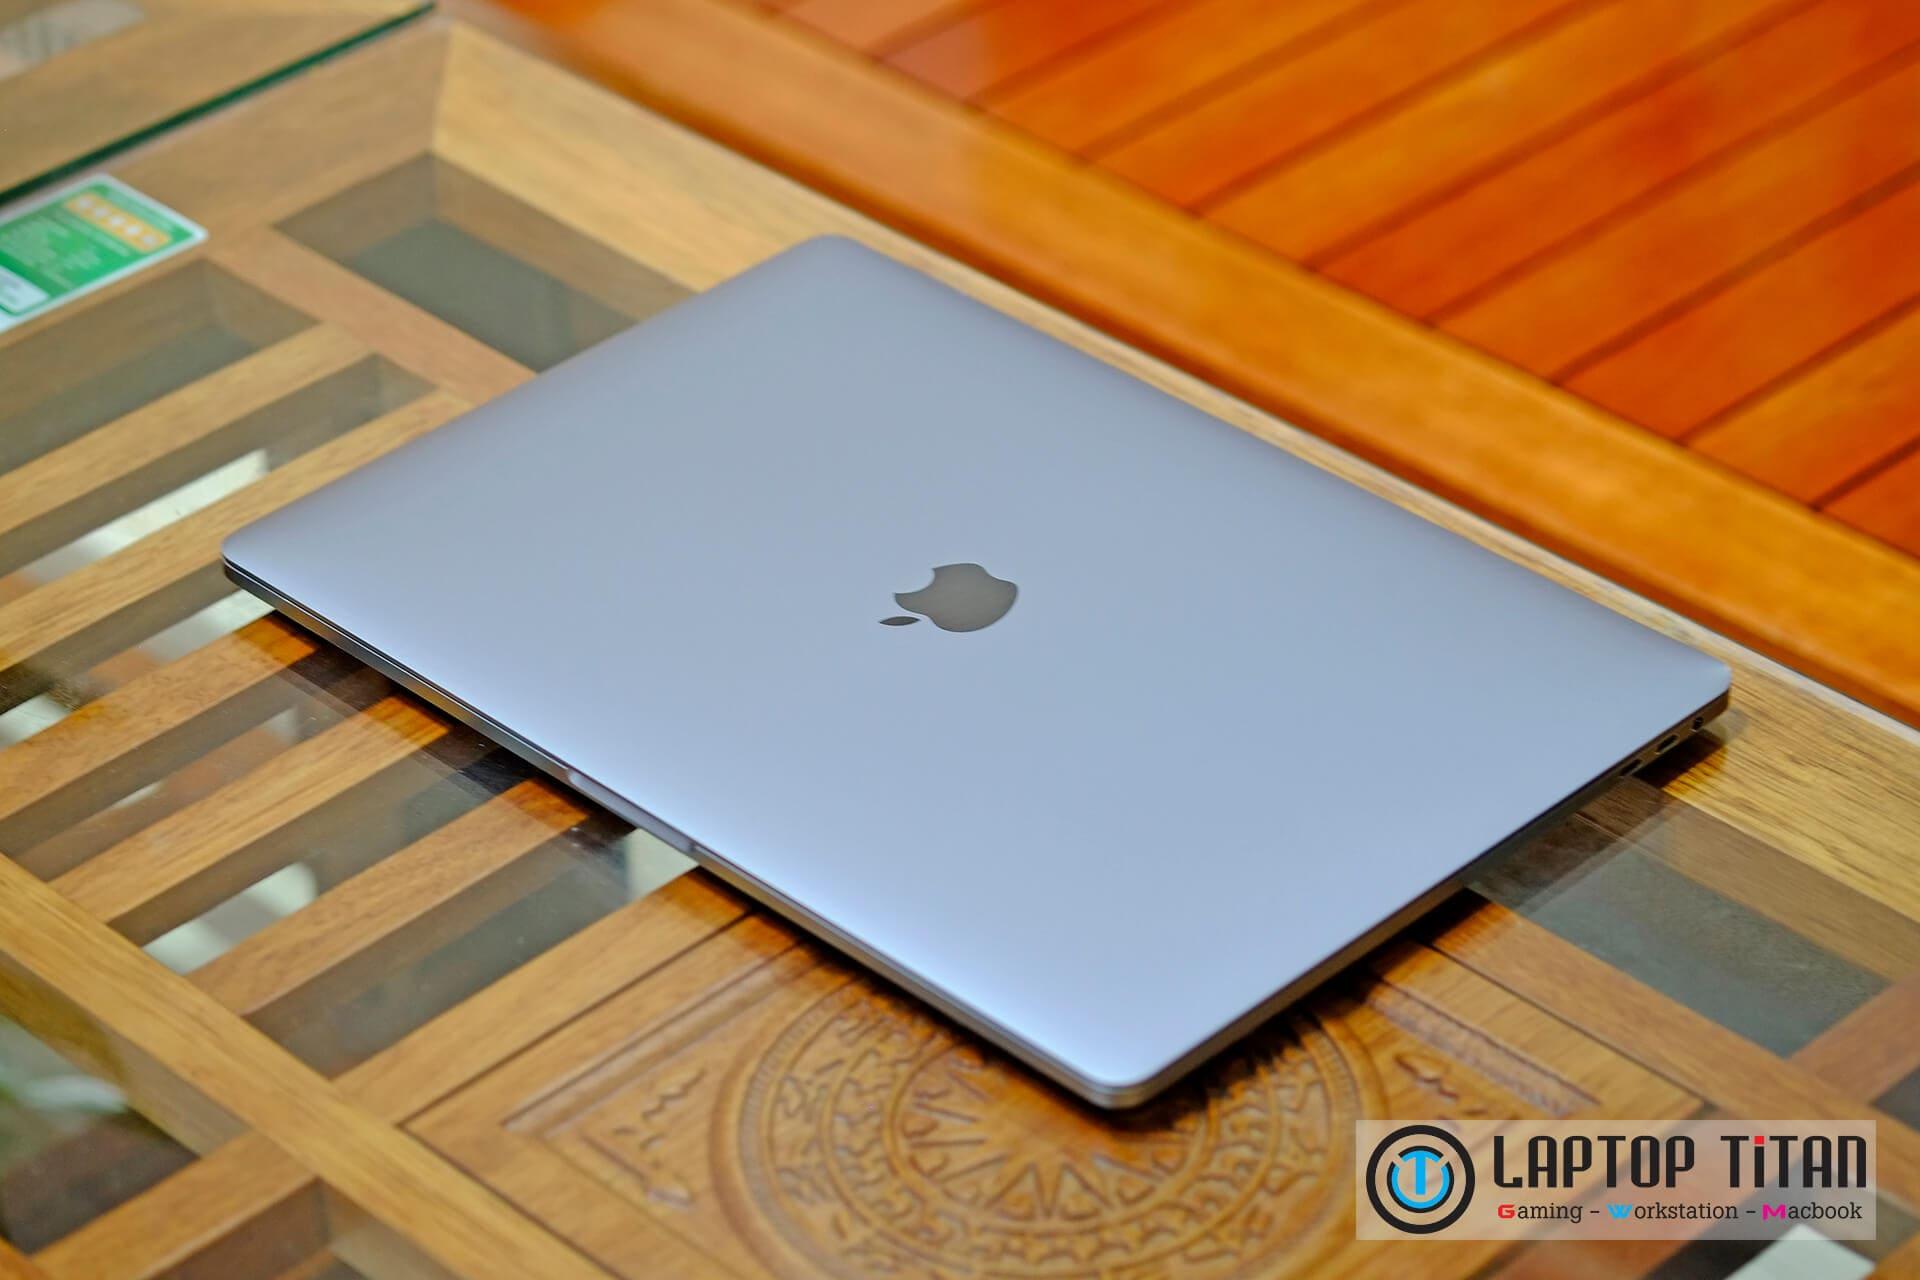 Macbook Pro Touchbar 15 Inch Laptoptitan 06